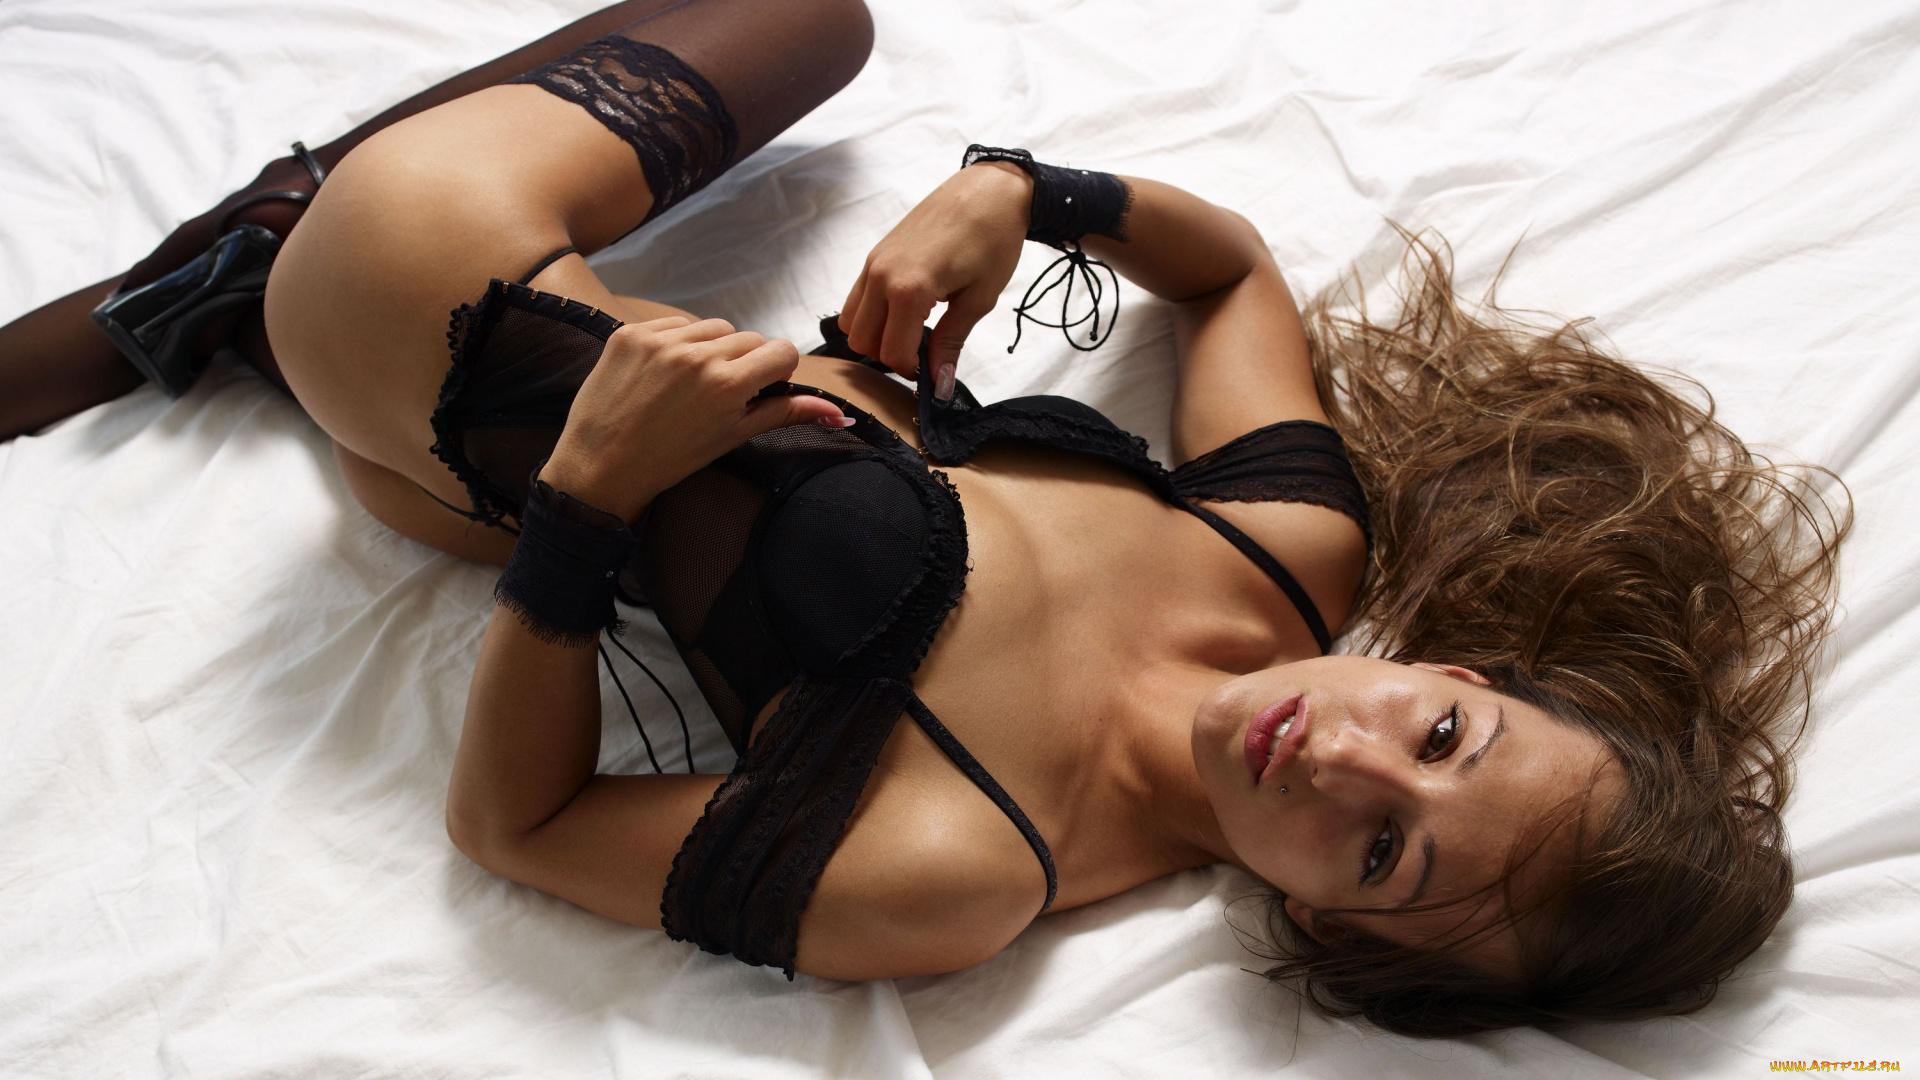 Смотреть секс ролики в качественном состоянии хорошее белье, мужская дрочка членом видео